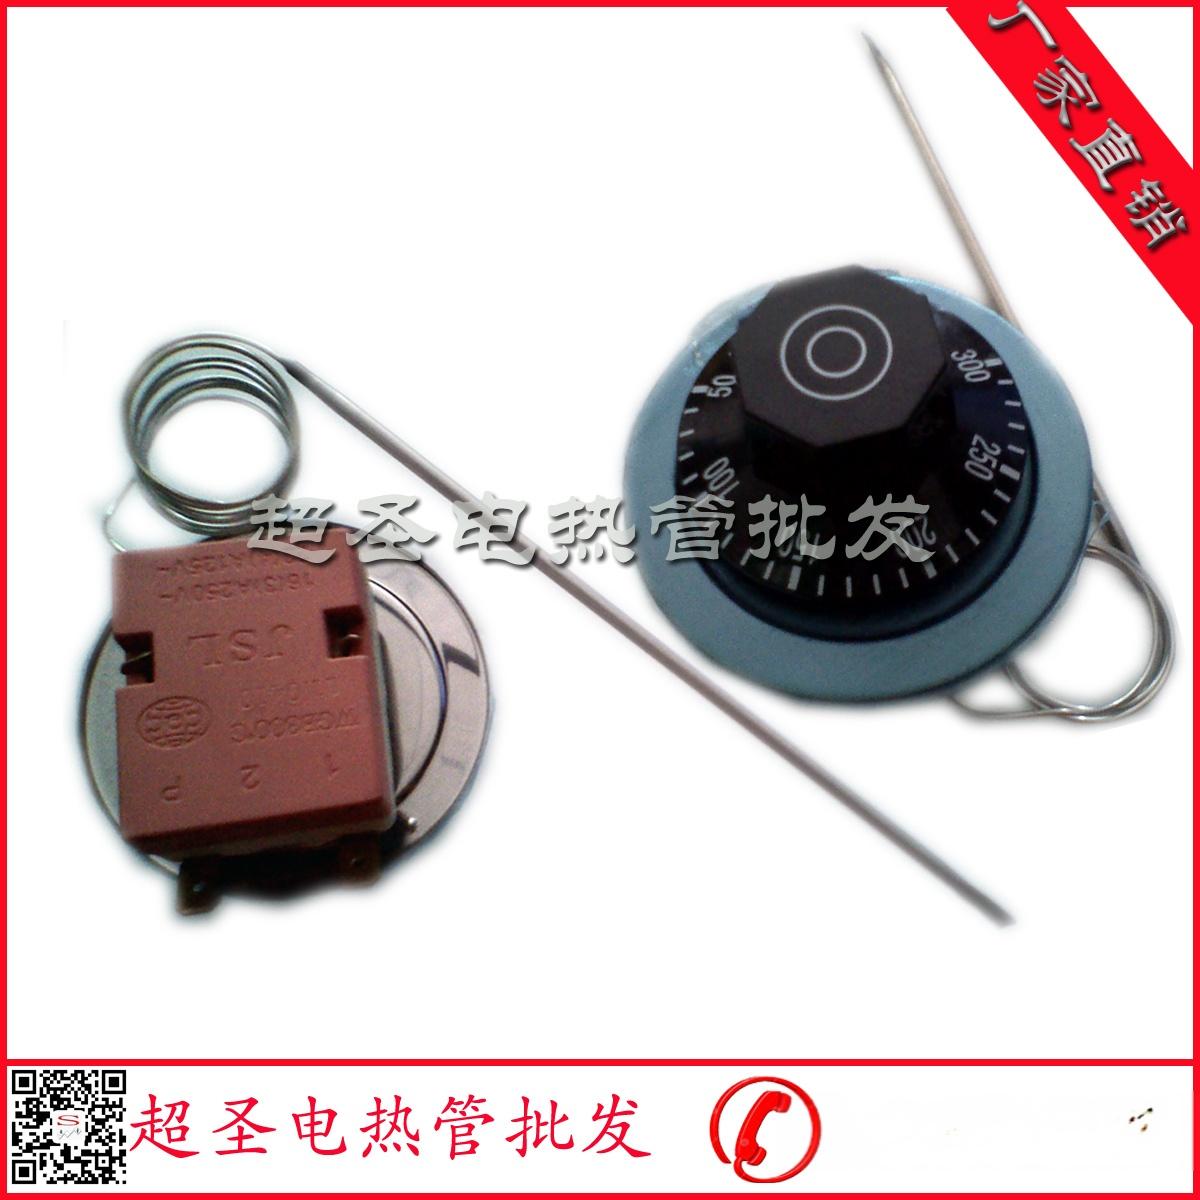 溫度控制(調節)器 開水器溫控器 可調旋鈕50℃~300℃溫控開關778847522